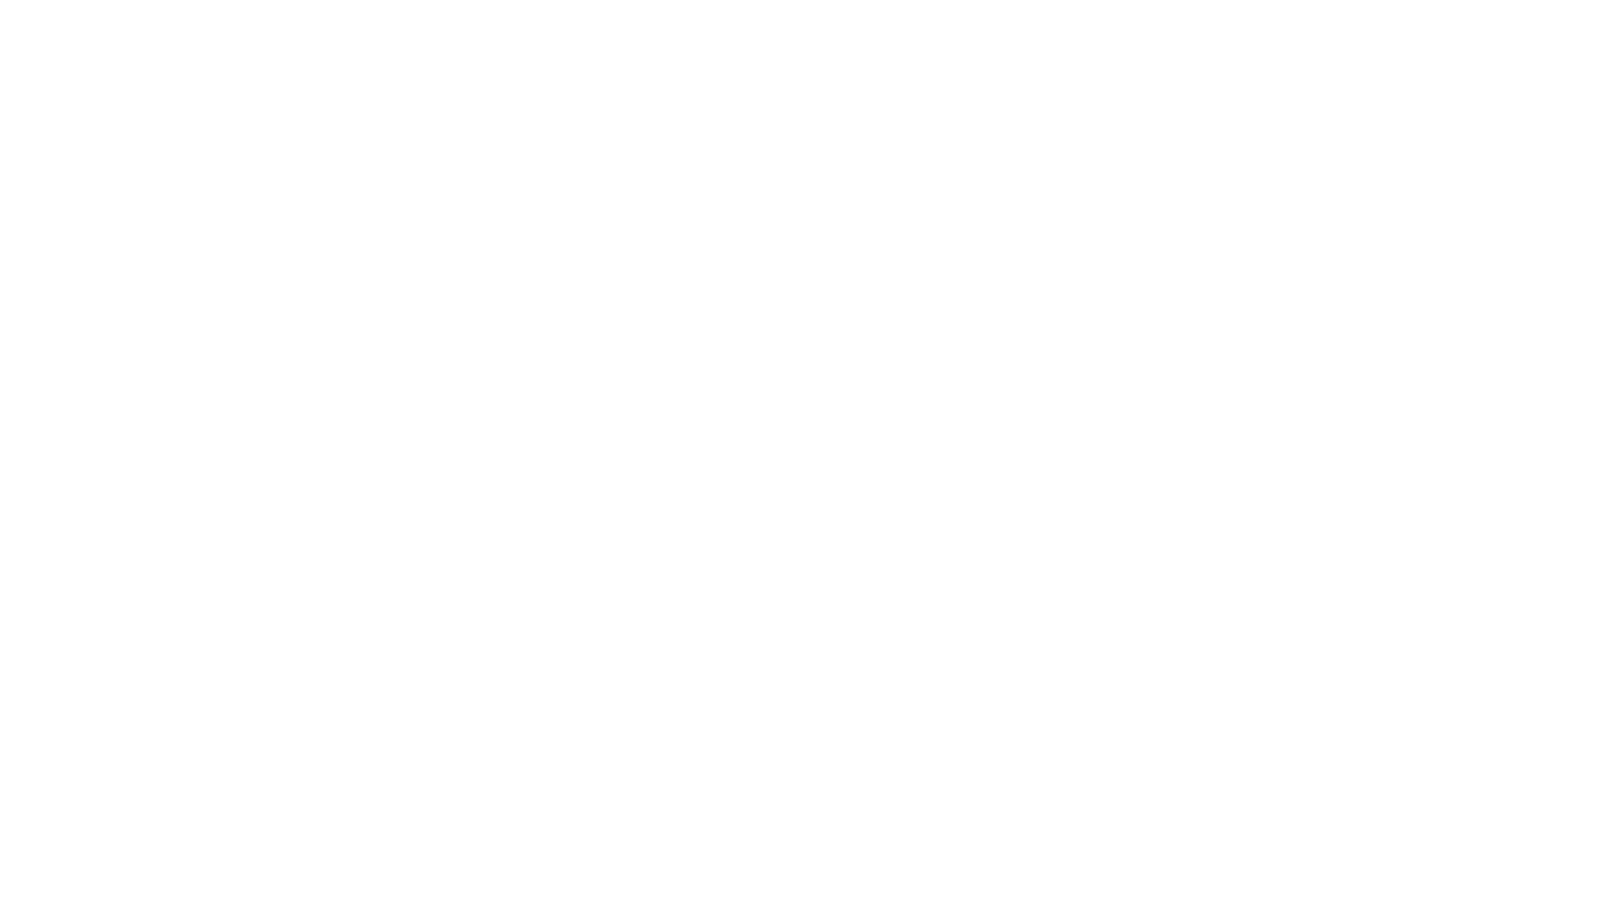 """Expositor de bebidas embaçando? Aprenda como evitar!  O seu expositor de bebidas está embaçando e dificultando a visualização dos seus produtos, atrapalhando suas vendas e o seu negócio? Nesse post você entenderá como isso ocorre e quais as maneiras de evitar que isso aconteça.  Portanto, vamos entender como o embaçar do vidro do seu expositor ocorre e o que você precisa fazer para evitar esse problema. Confira!  Por que o vidro embaça? O embaçar do vidro se chama """"sudação"""". Esse efeito acontece devido a interferências de umidade e temperatura vindas do ambiente externo e que são diferentes da temperatura encontrada no ambiente interno do refrigerador.  Quando fora do refrigerador, a água se encontra em estado de vapor no ar, mas quando entra em contato com o vidro, ocorre o efeito de condensação, fazendo com que a água se transforme em gotículas devido a mudança de temperatura.  Nesse caso, quando o vapor da água, que está em uma temperatura mais elevada, encontra o vidro do refrigerador, que está em uma temperatura mais baixa, ela se condensa e se transforma em gotas.  Por isso, a temperatura do vidro precisa sempre estar semelhante a temperatura do ambiente externo, para que essa condensação da água não aconteça.  Por fim, para que o seu refrigerador expositor de bebidas funcione sem embaçar, é preciso ter alguns cuidados. Veja a seguir!  1. Cuidado no uso Para que o seu equipamento tenha uma vida longa e útil, é preciso tomar alguns cuidados na hora do seu uso.  Manter a sutileza quando abrir e fechar as portas do seu refrigerador, não batendo e não usando de força desnecessária, pode ser um grande diferencial para manter o bom funcionamento do seu equipamento.  2. Manutenção de gaxetas Para evitar que seu refrigerador apresente problemas, mantenha a limpeza sempre em dia, pois a sujeira pode ser um dos fatores que prejudicam o equipamento, levando ao mau funcionamento e até a perda de vida útil.  Por isso, limpe sempre as gaxetas (aquela borrachinha que fica na"""